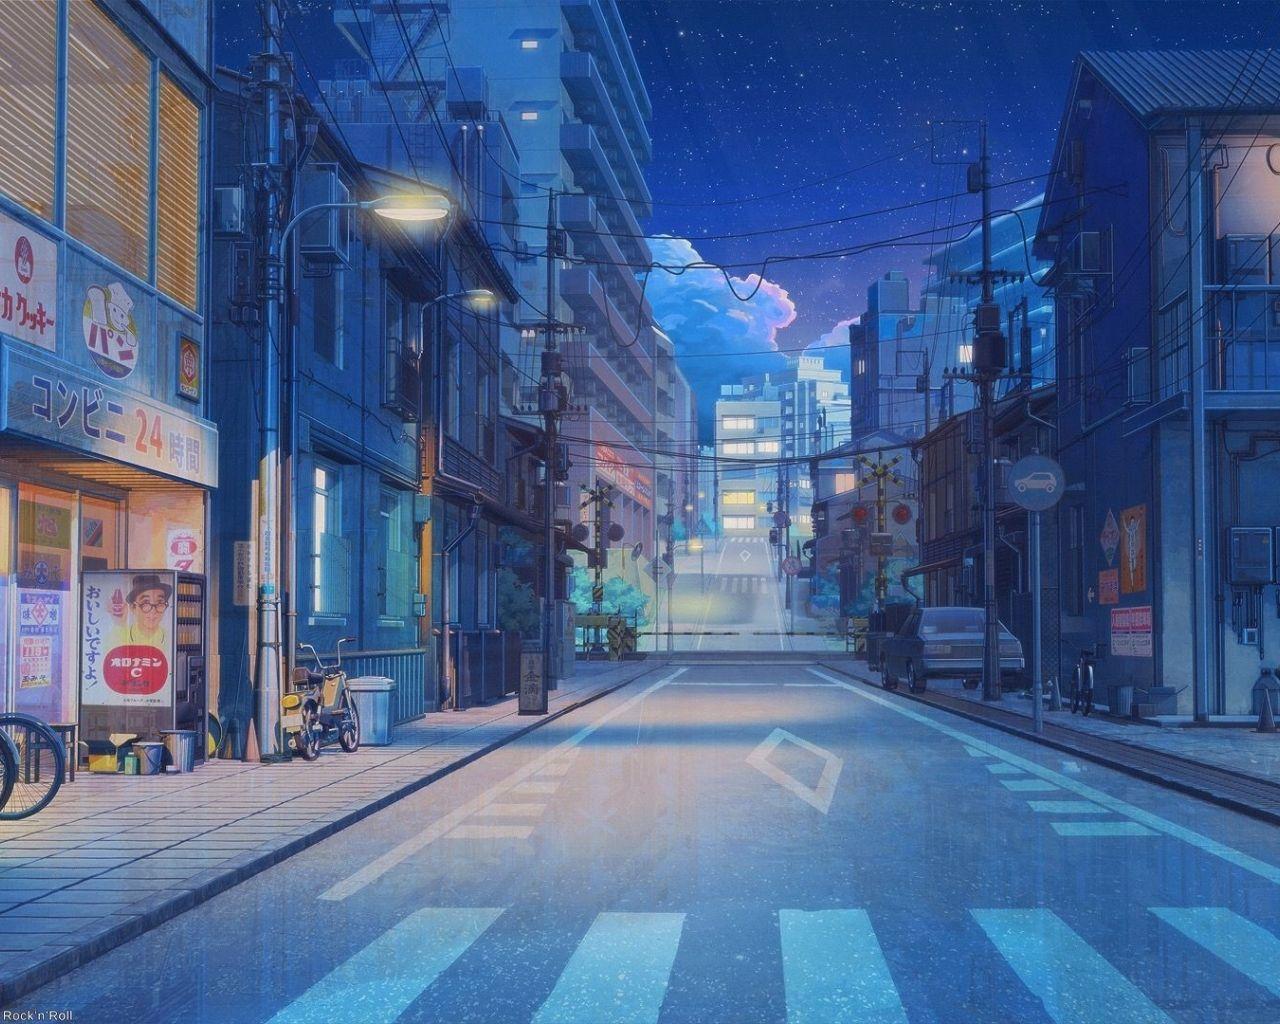 1280x1024 Tải xuống miễn phí Hình nền Anime Aesthetic - trong Bộ sưu tập Trang 3 [1920x1080] cho Máy tính để bàn, Di động & Máy tính bảng của bạn.  Khám phá Anime hình nền thẩm mỹ.  Hình nền thẩm mỹ Anime, Lofi Anime hình nền thẩm mỹ cho iPad, Hình nền thẩm mỹ